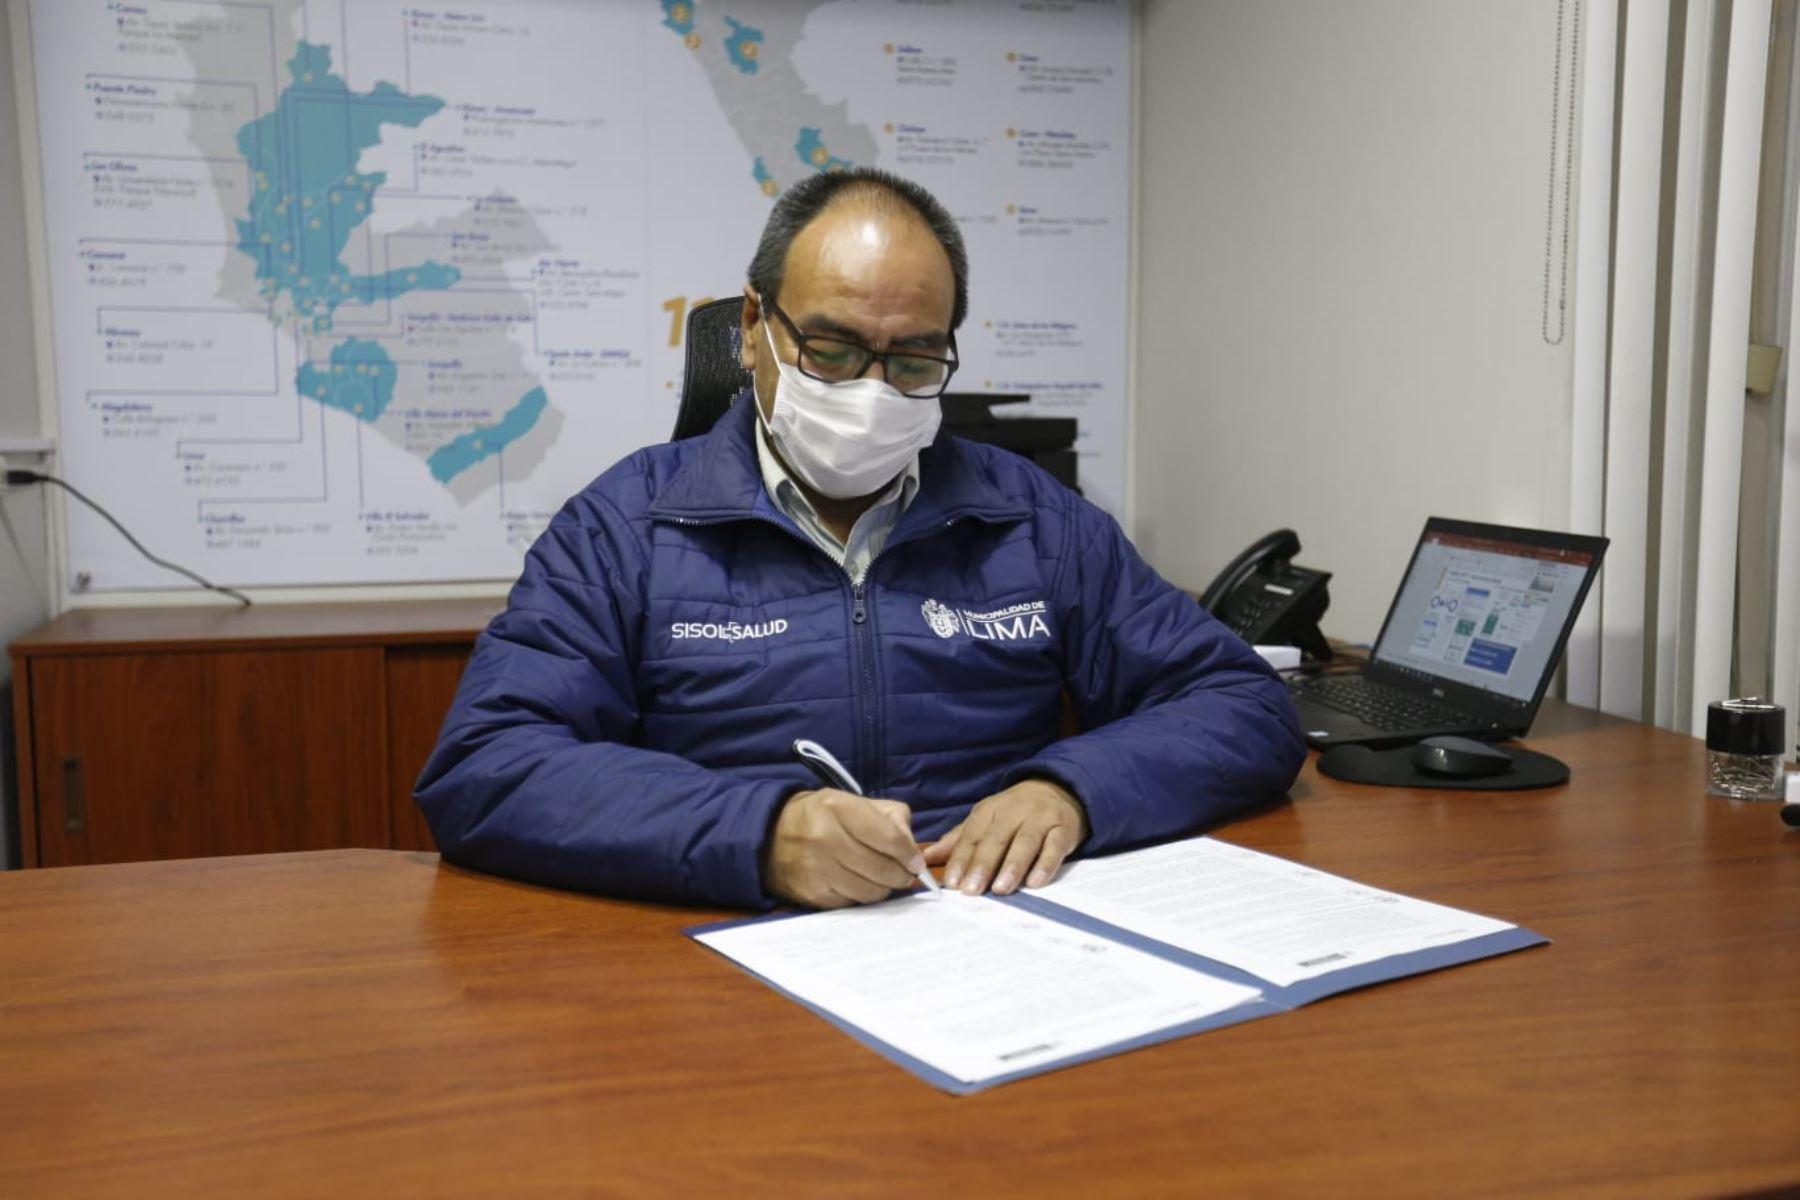 Sisol Salud, organismo público descentralizado de la Municipalidad de Lima, suscribió un convenio de cooperación interinstitucional con el Ministerio de Salud (Minsa), a fin de articular esfuerzos para la detección temprana, prevención, control y descarte del COVID-19, en el marco de la emergencia sanitaria a nivel nacional. Foto: ANDINA/MML